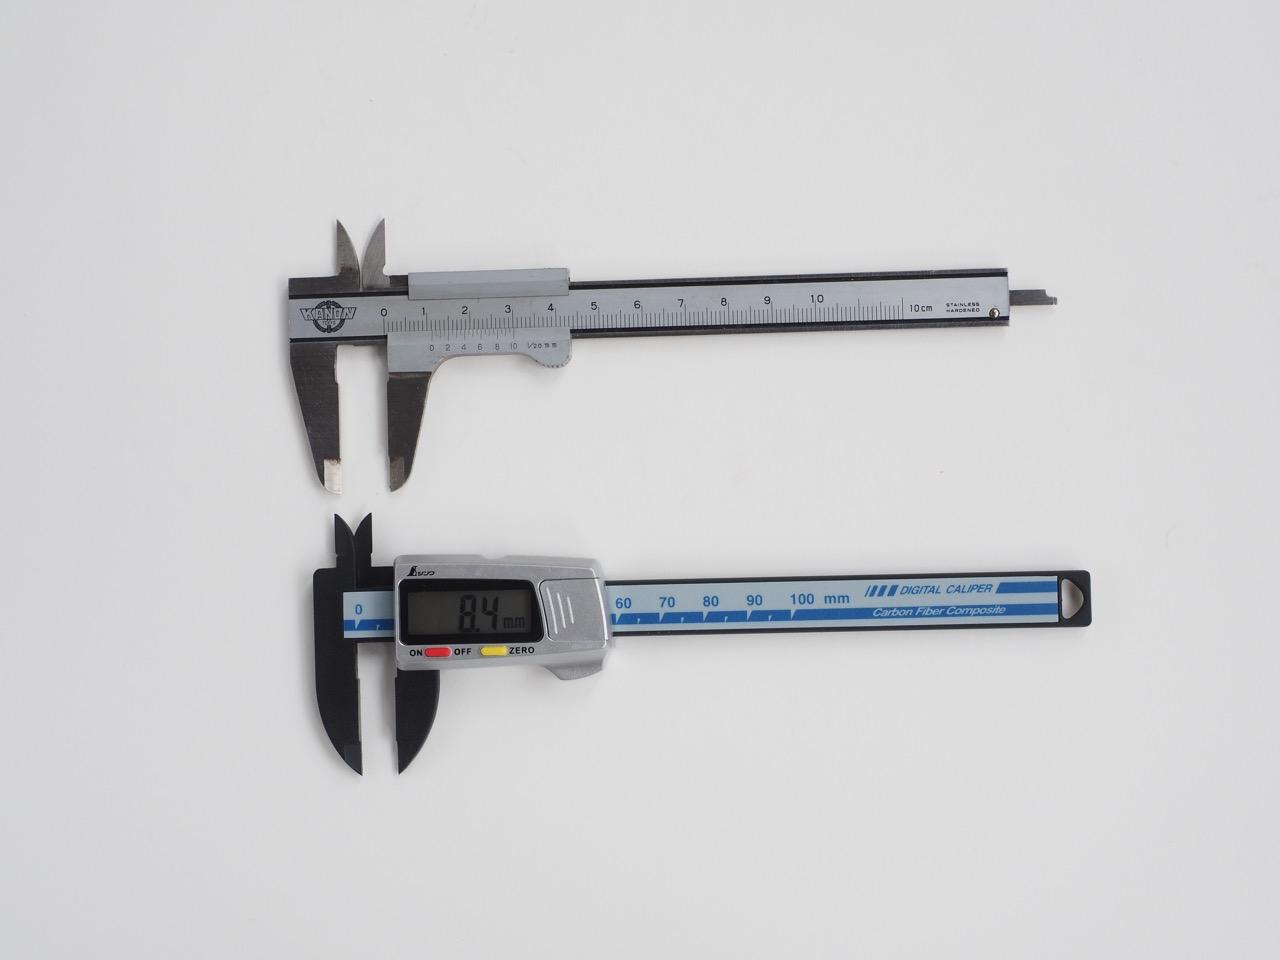 ちょっと寸法を測る時のデジタルメジャー